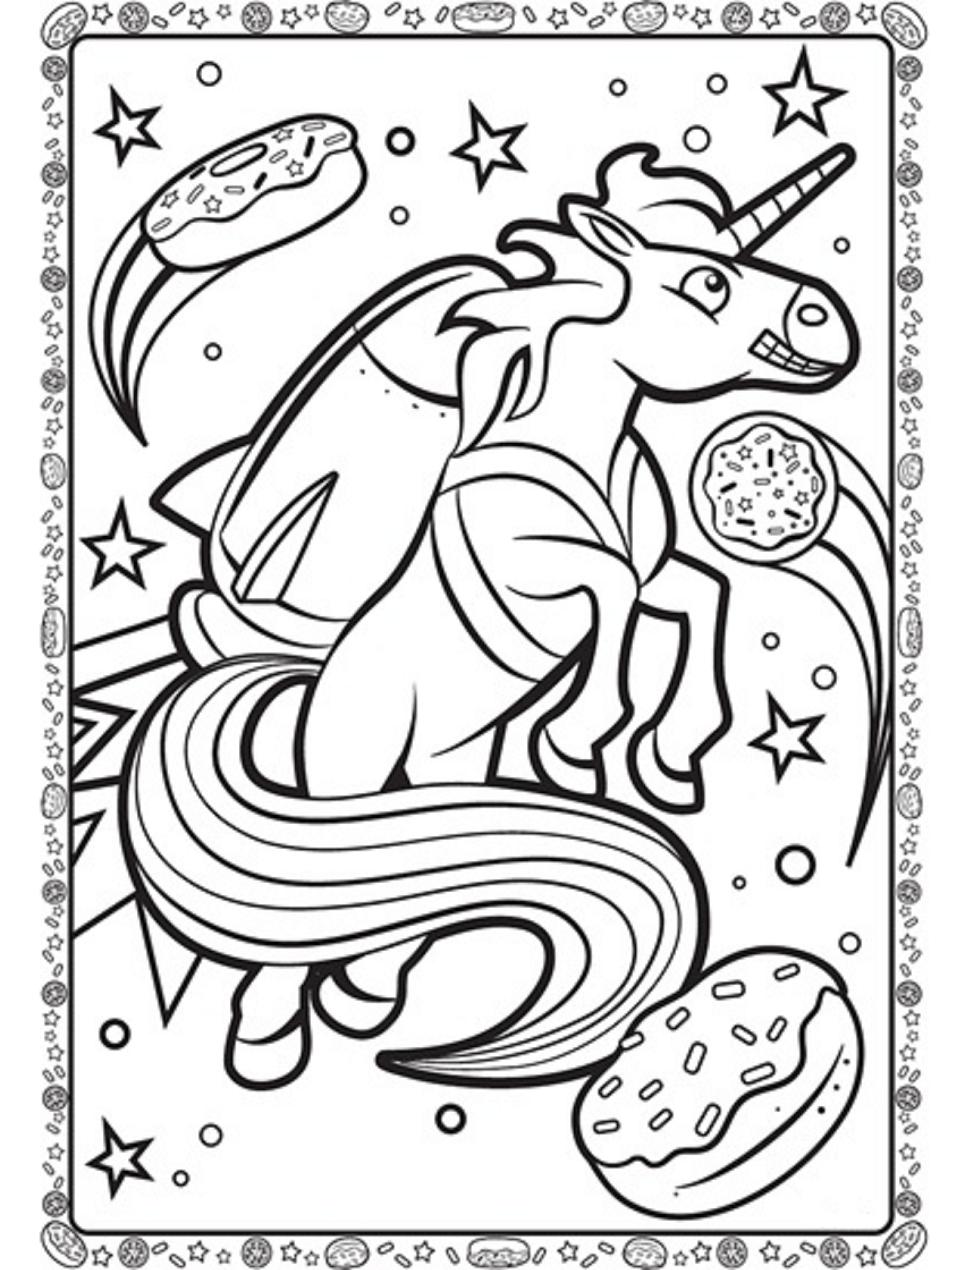 Unicorn With Rocket